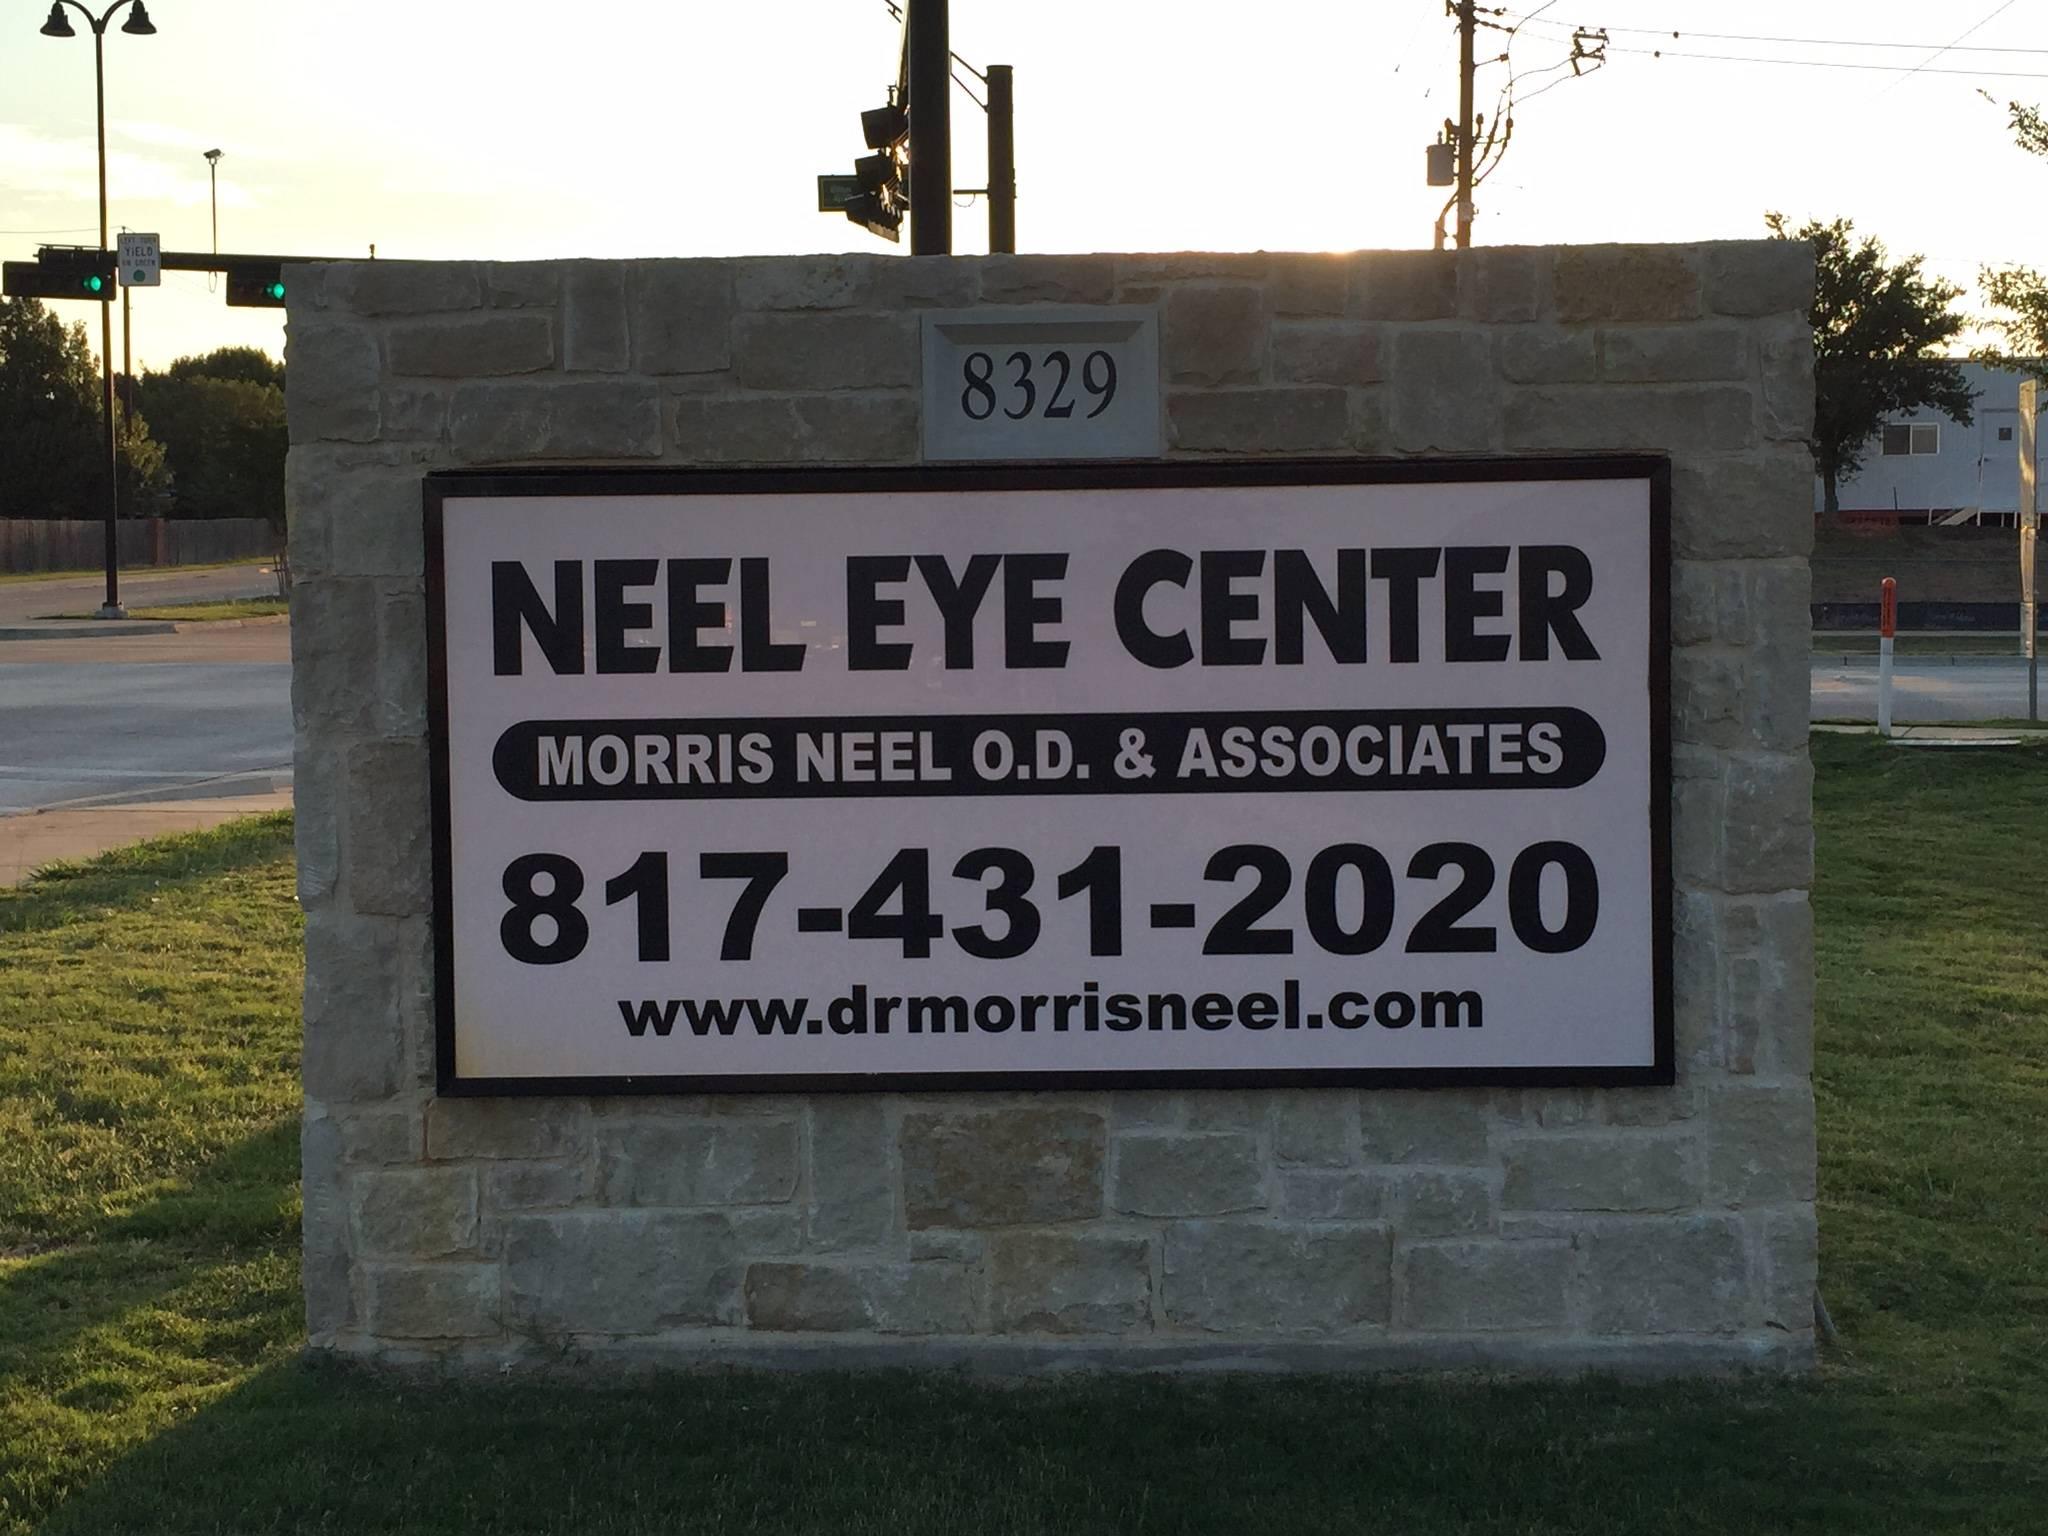 Neel-Eye-Center-sign